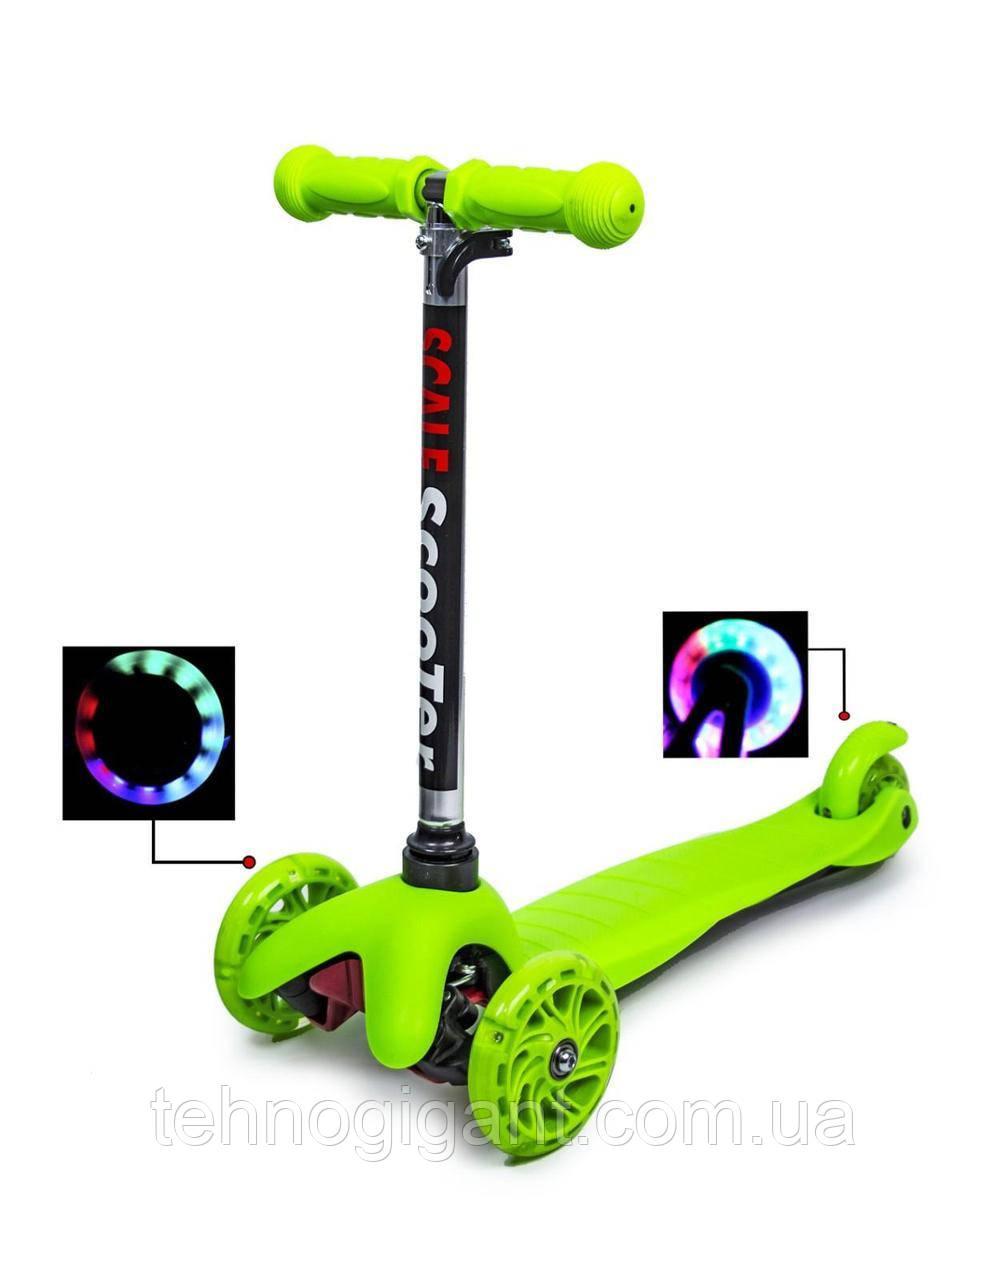 Самокат трехколесный зеленый со светящимися колесами Best Scooter Mini